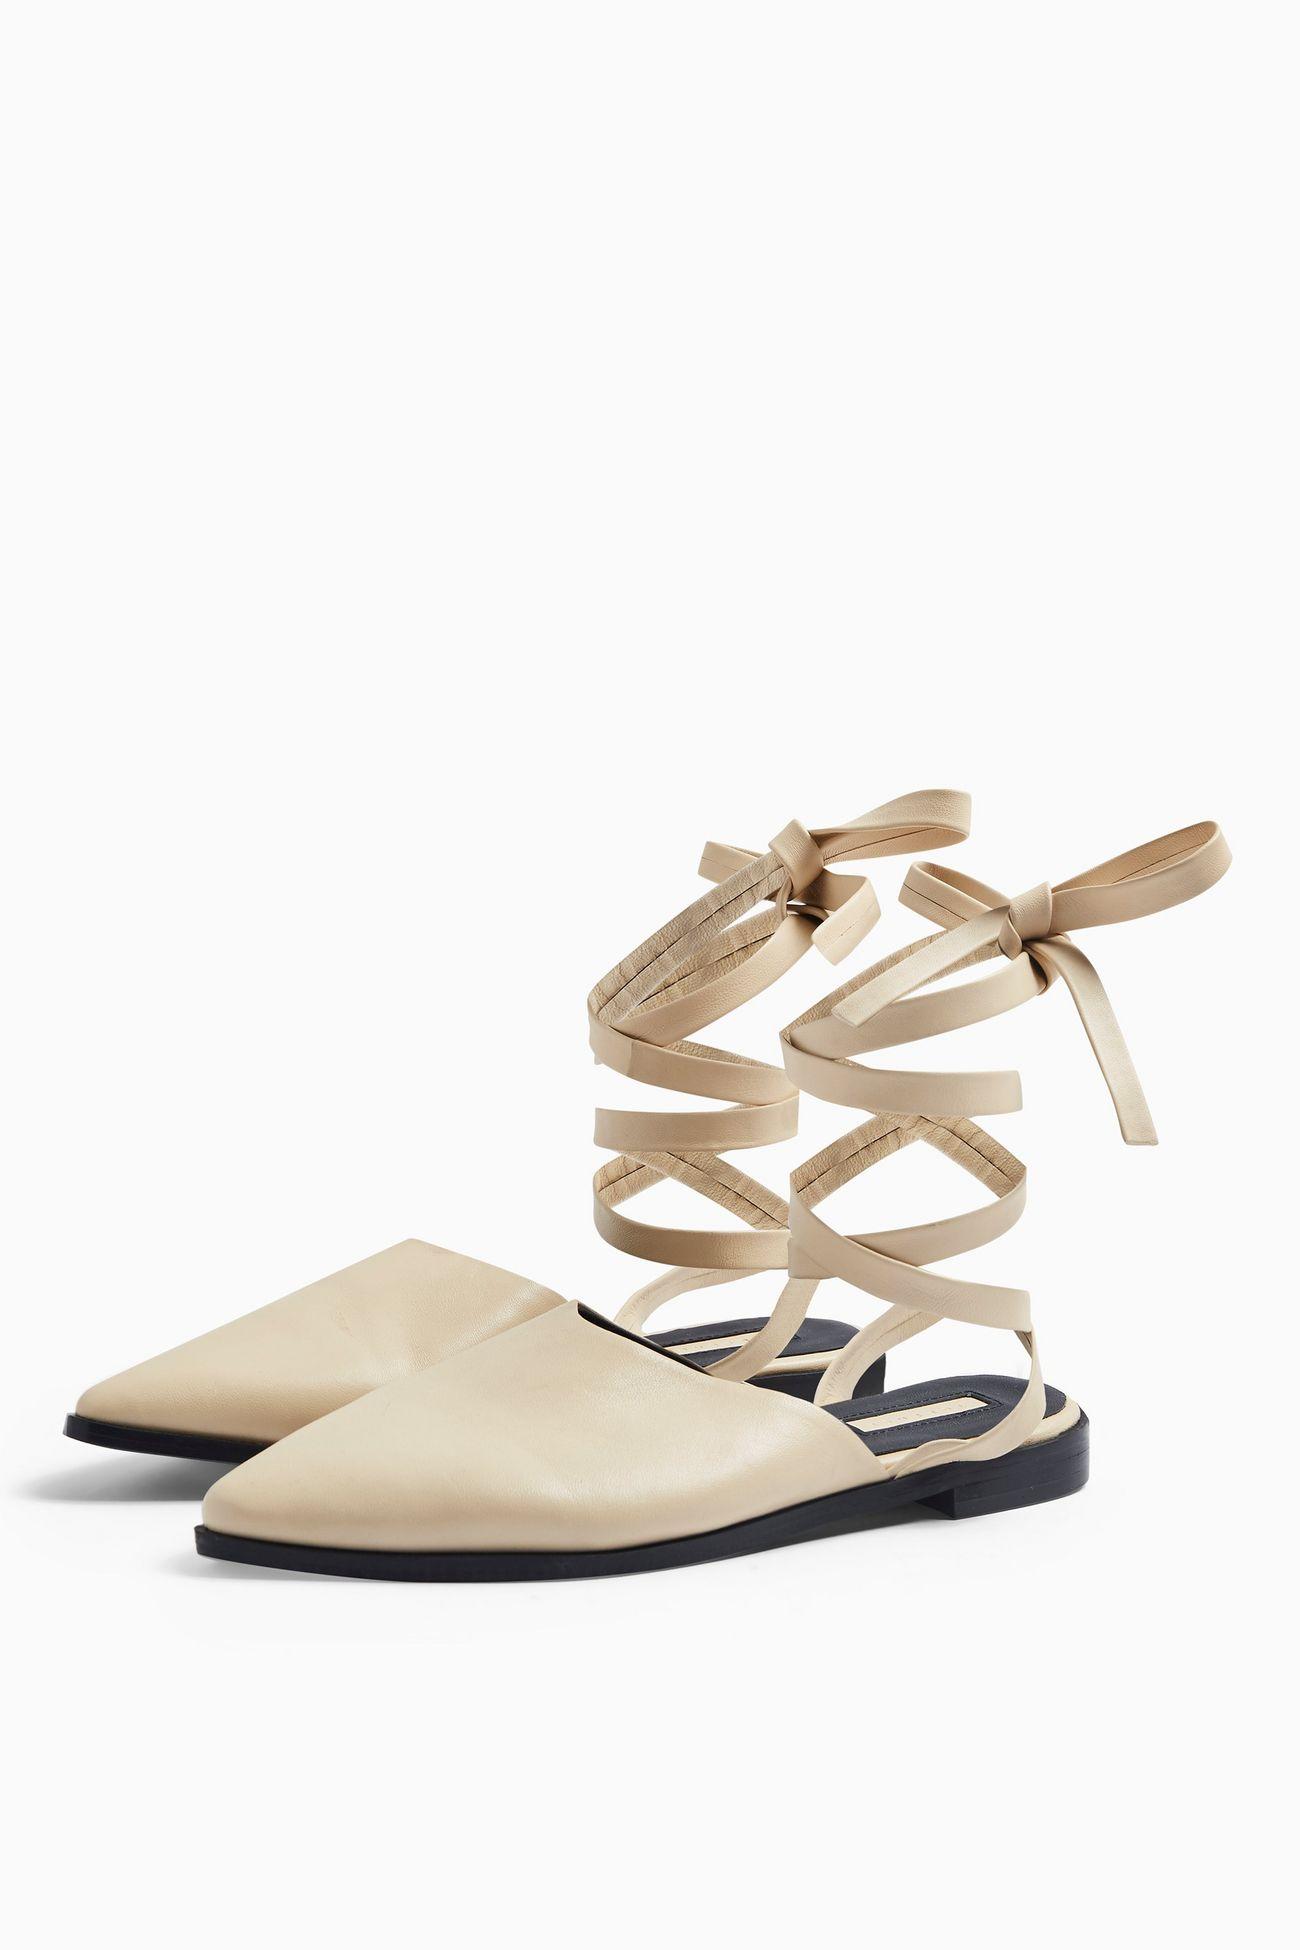 Un detalle femenino y coqueto son los lazos y amarres al tobillo, tanto en sandalias, como en tacones y balerinas. (WGSN)